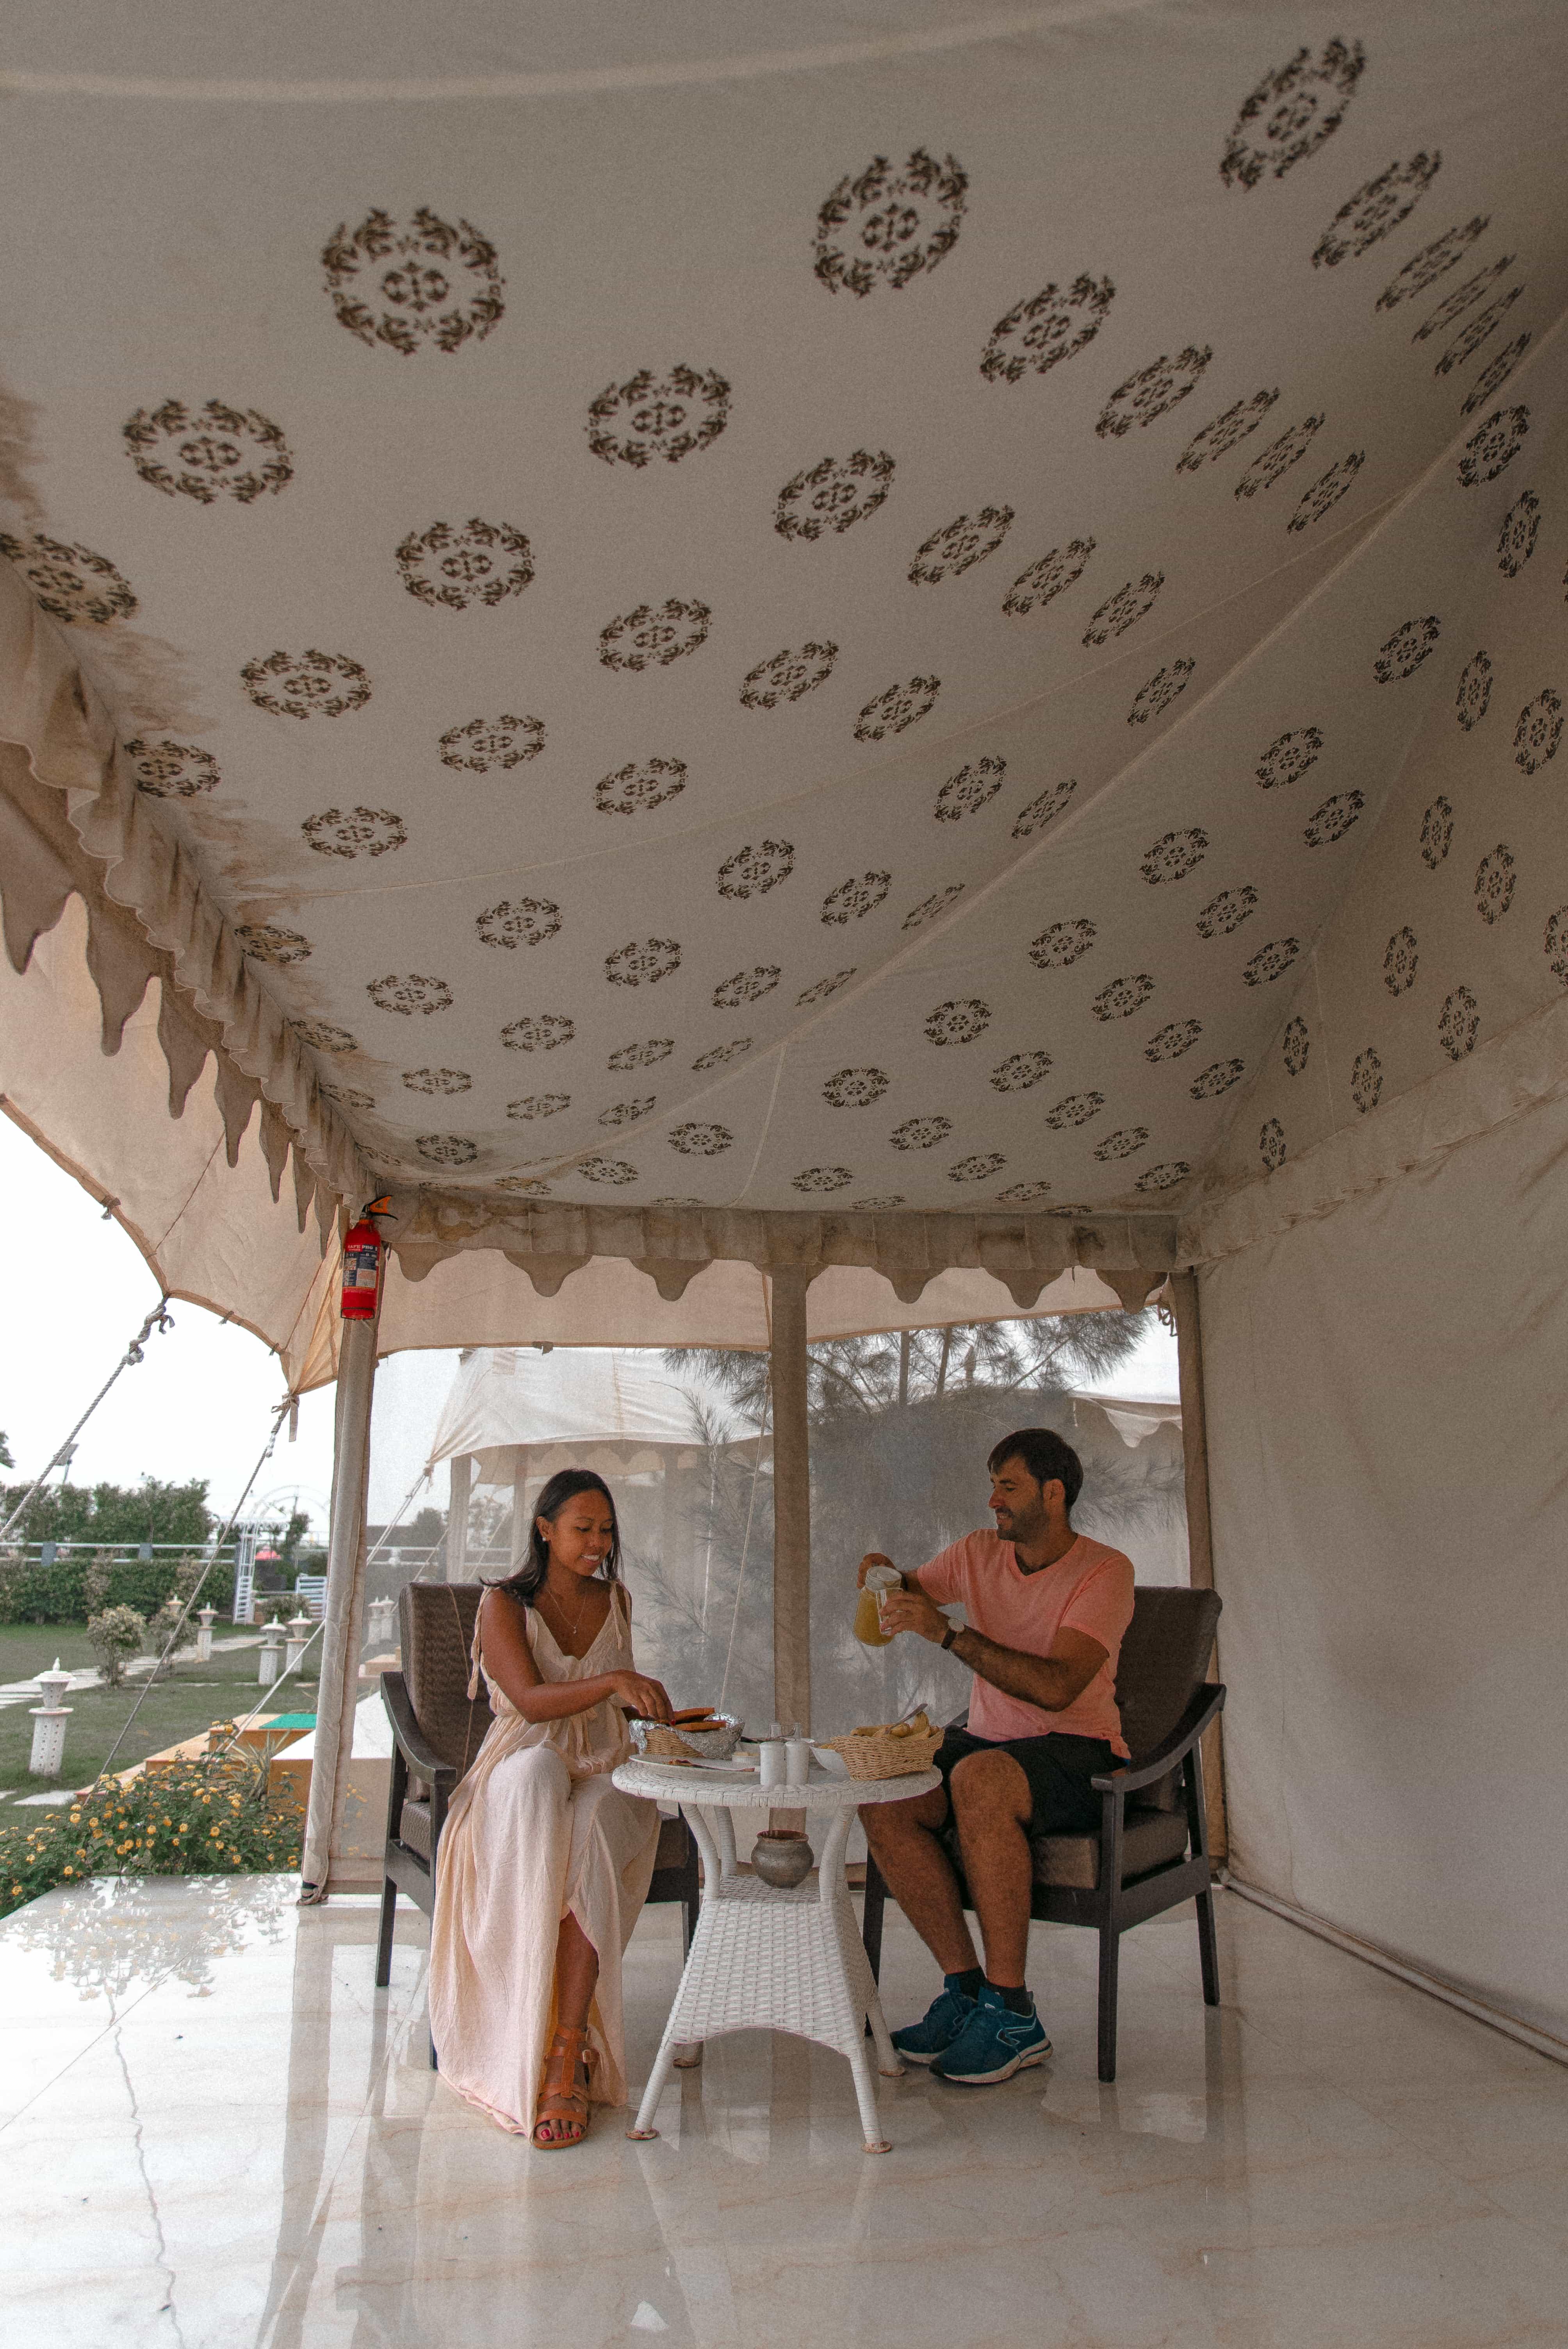 things to do in Pushkar, Pushkar travel guide, Pushkar gampling, Pushkar camping